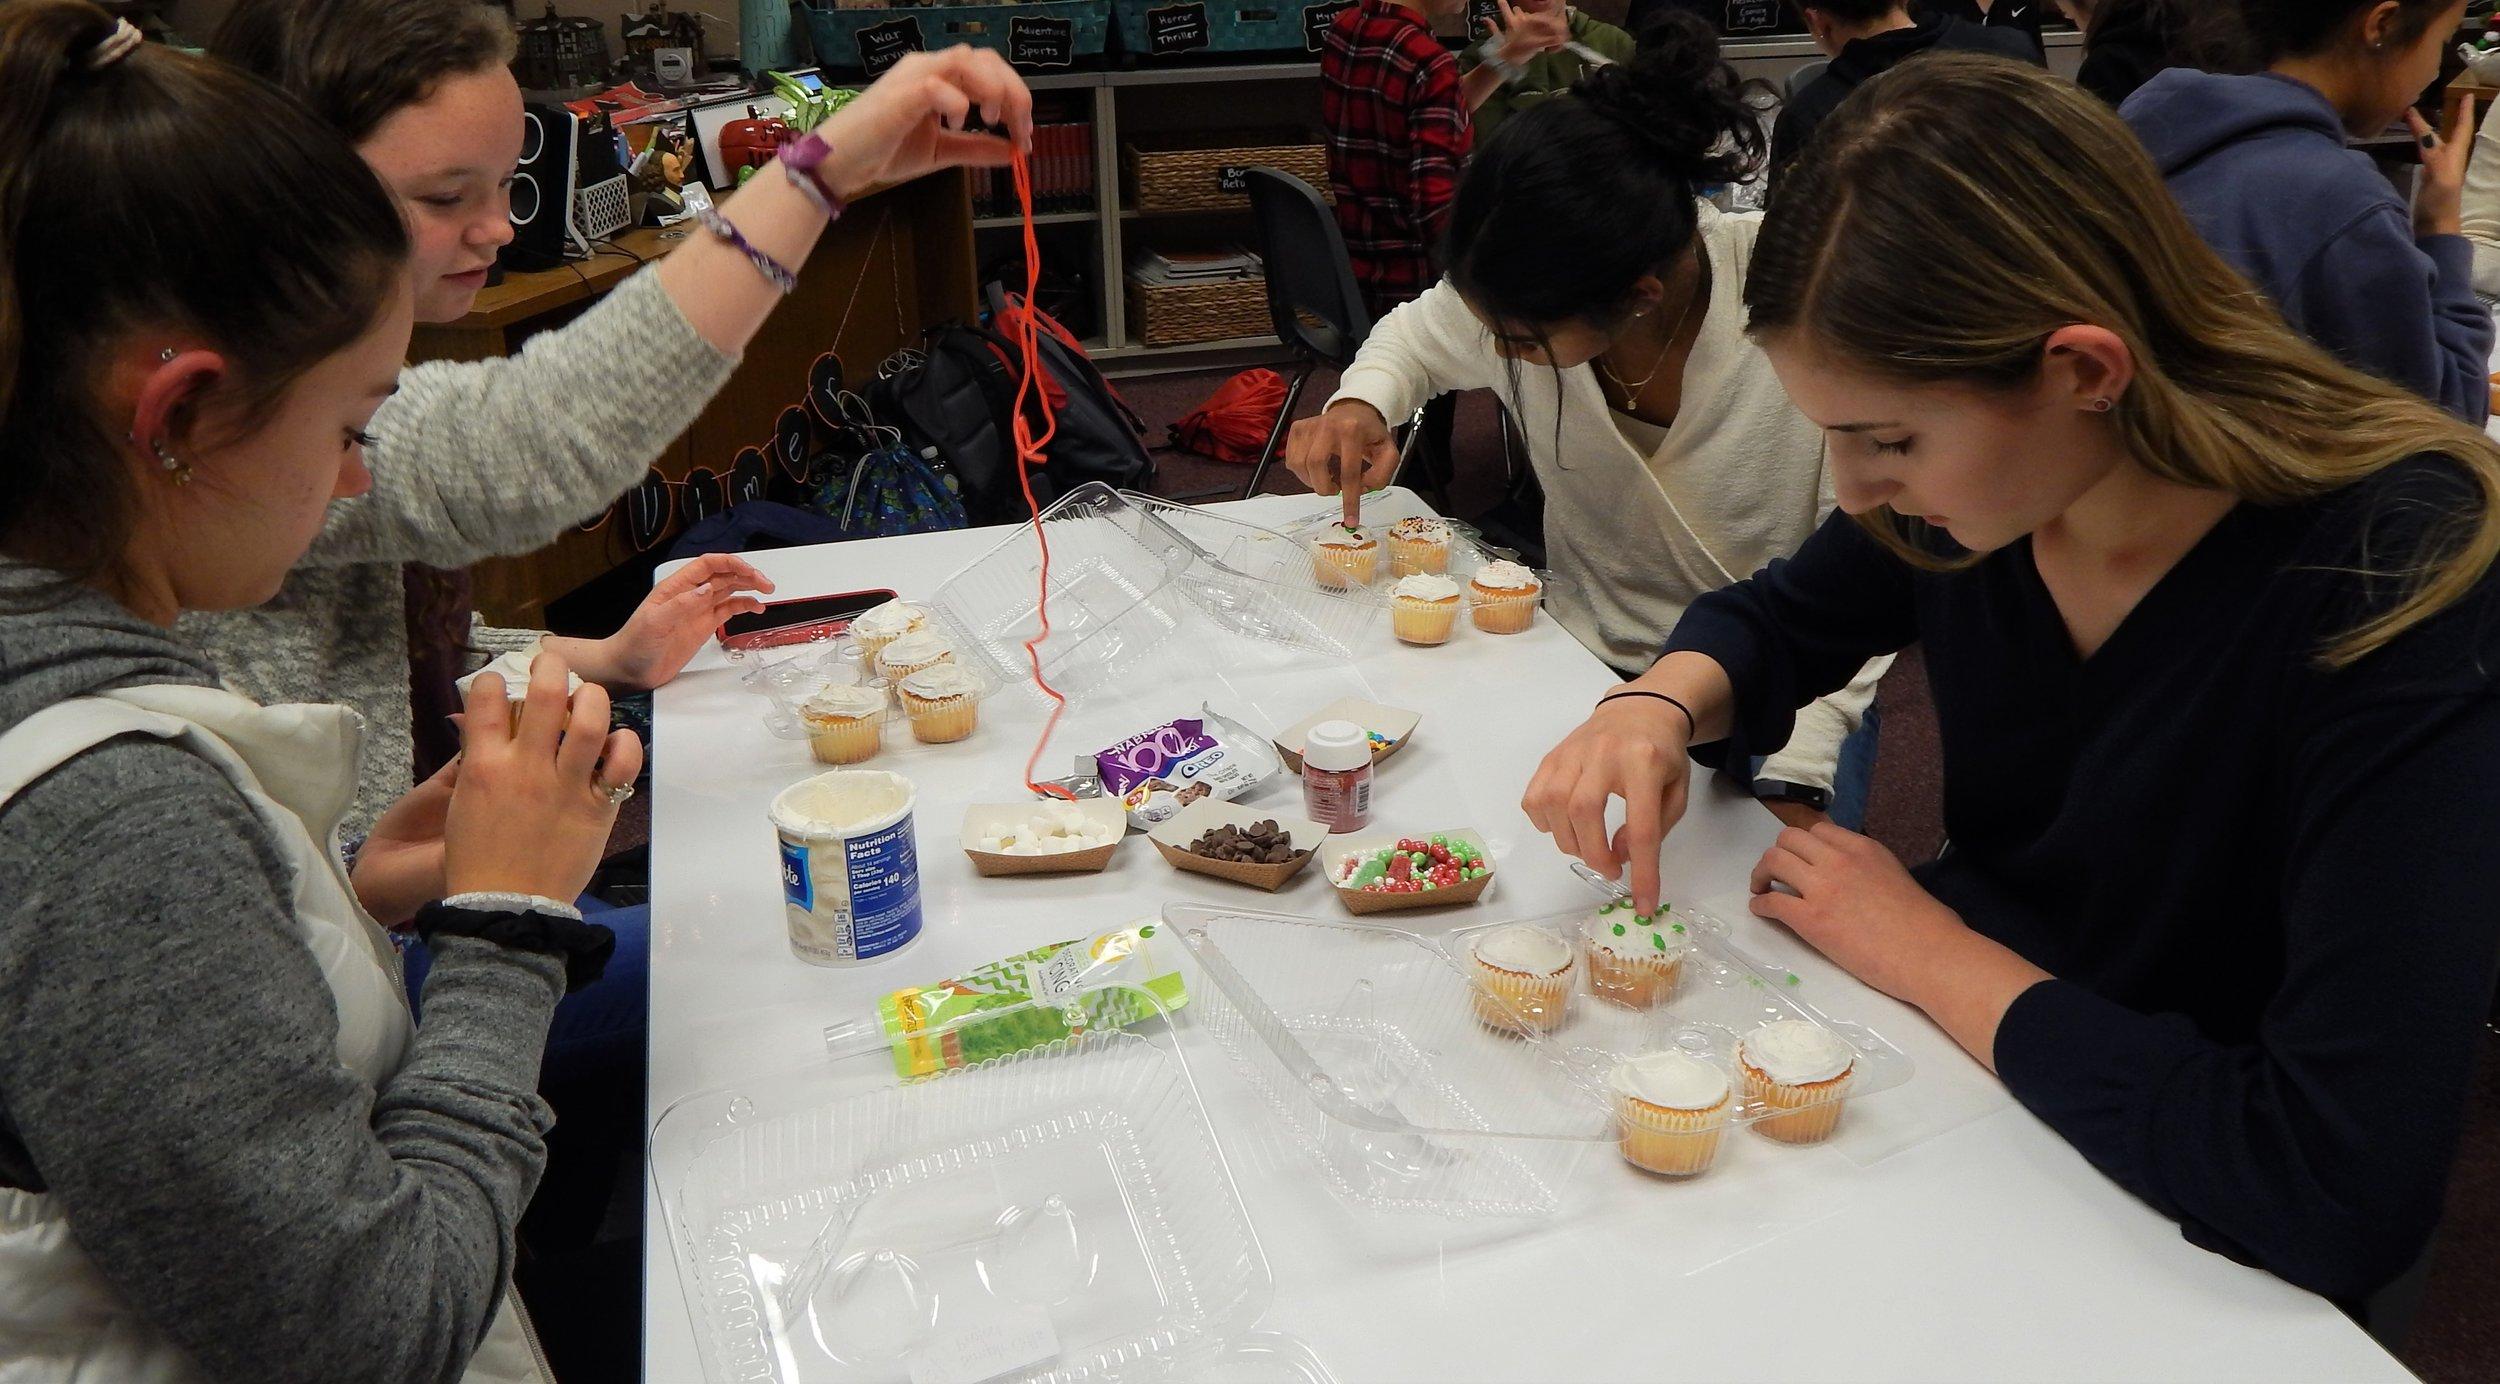 HHHS 12-11 Cupcake Party 6.jpg